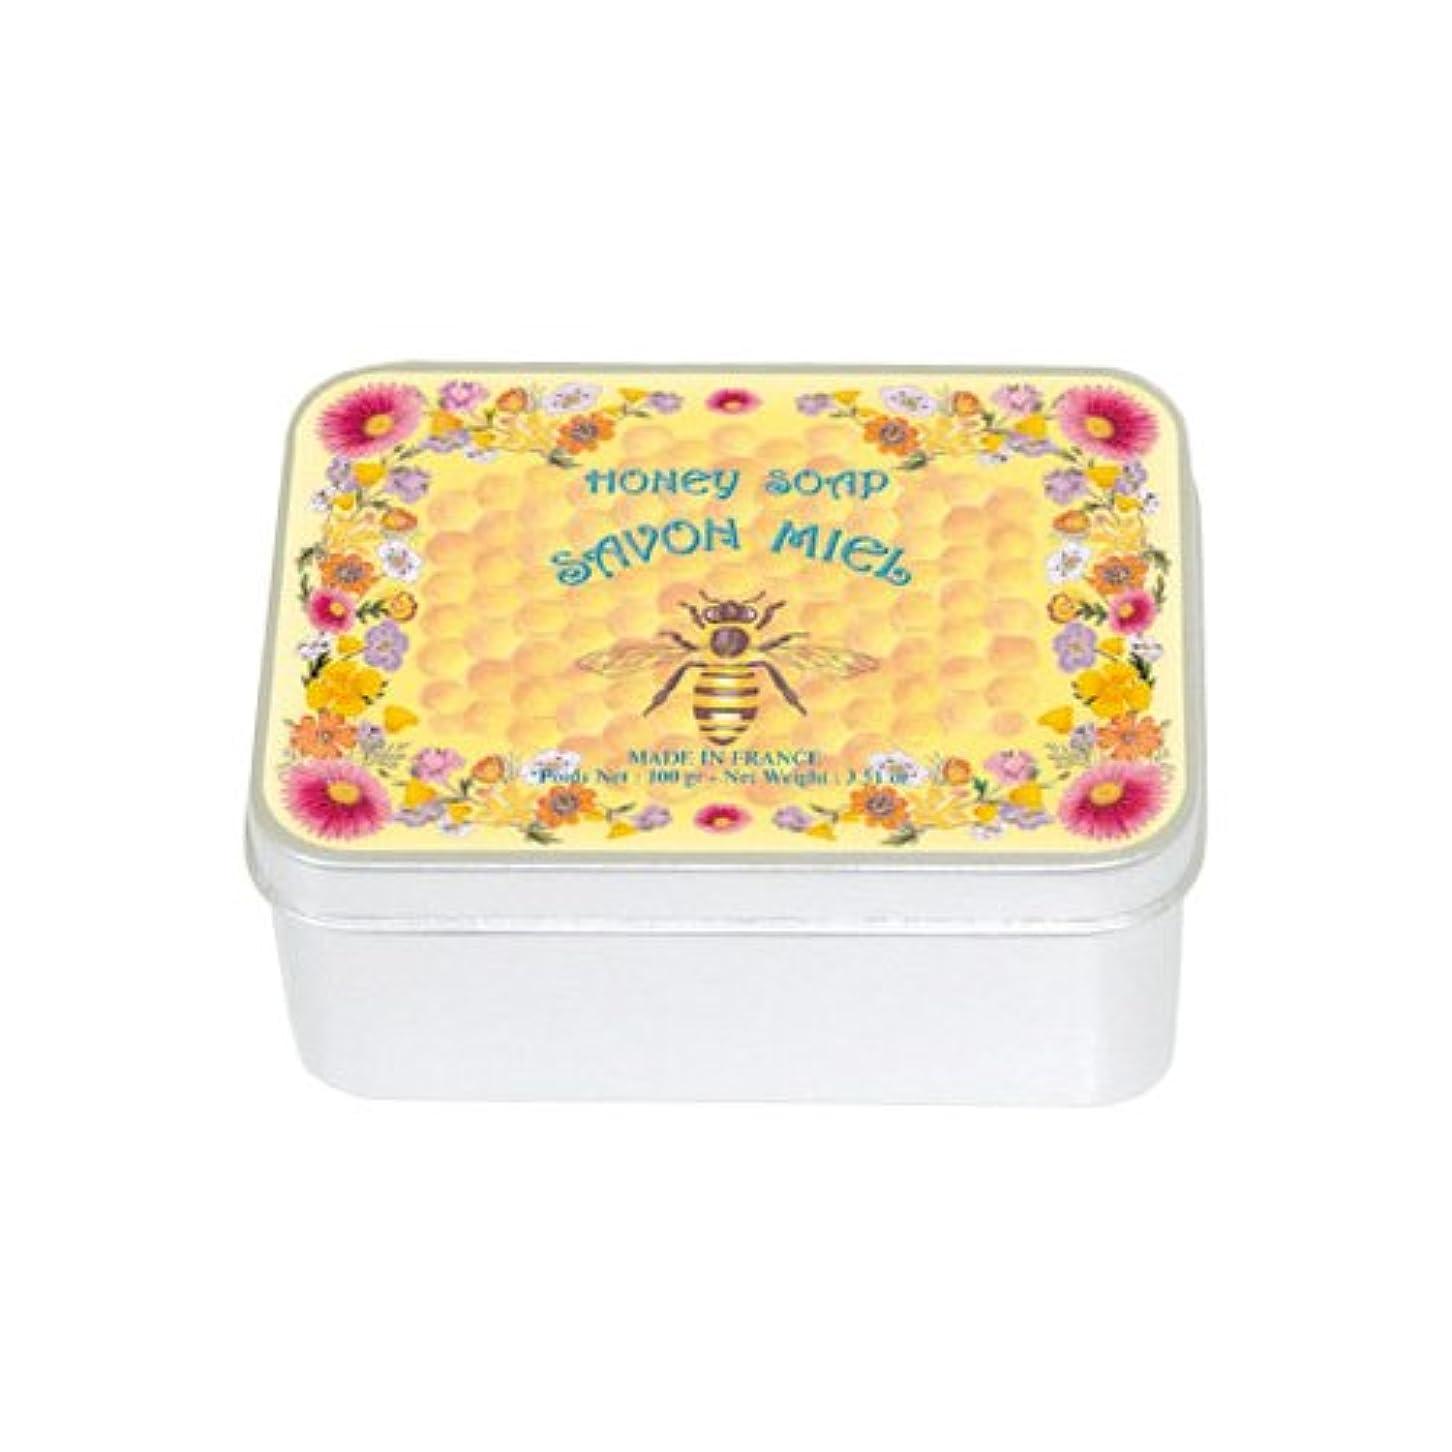 田舎者教える迷彩ルブランソープ メタルボックス(ハチミツの香り)石鹸